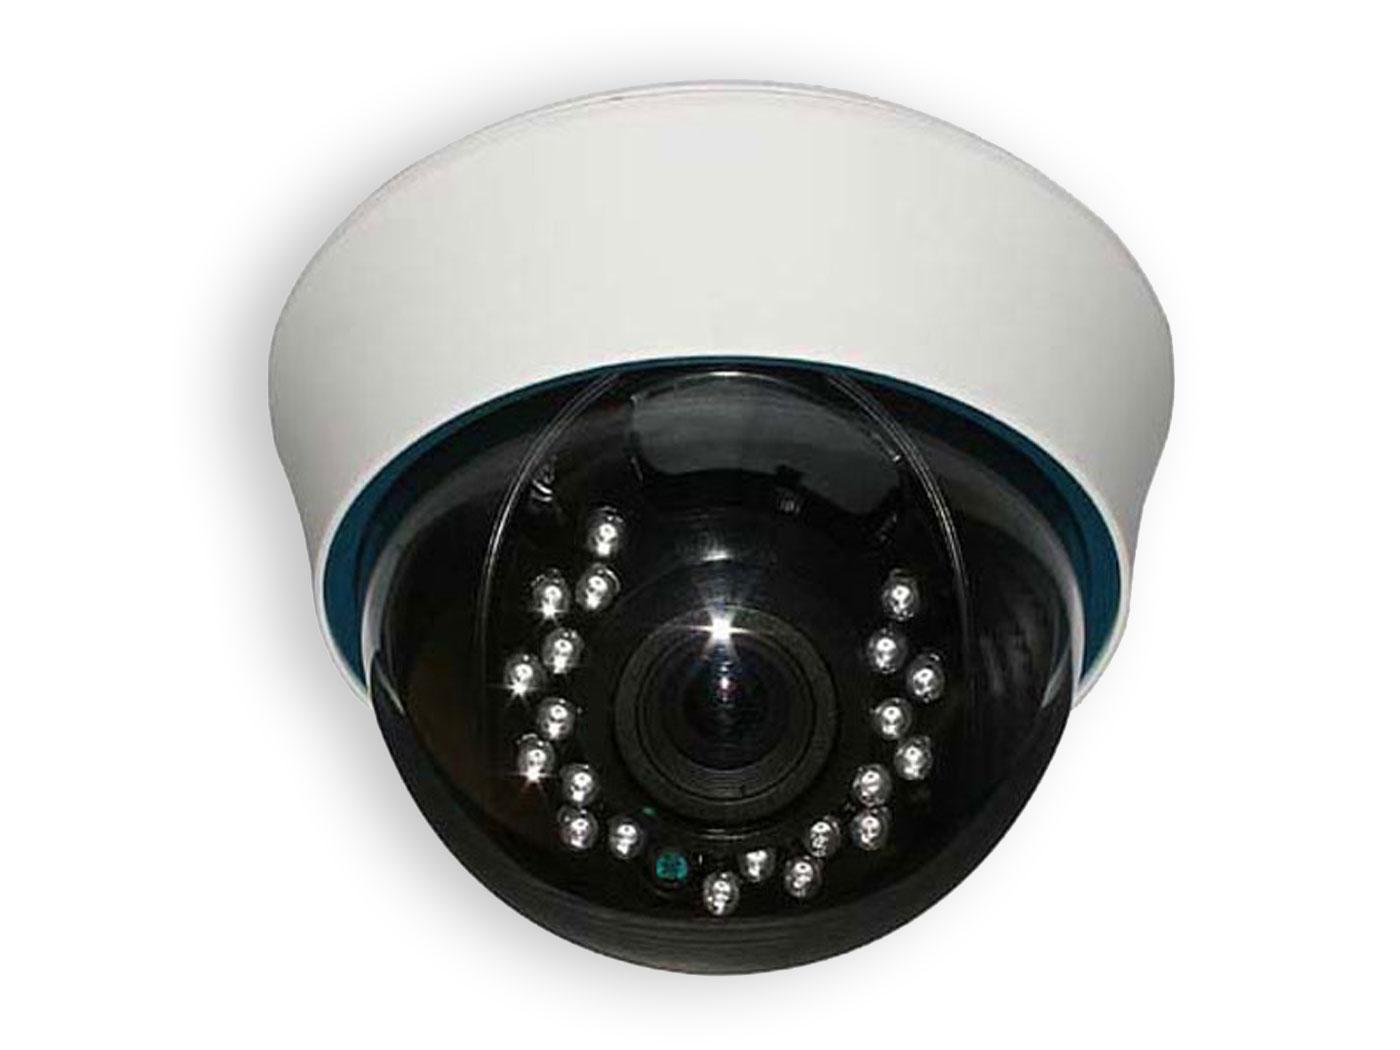 Sony - Caméra par Câble par Câble Dome HDTVI CCTV Couleur 1080p 2,8..12 mm IR - HM-TVI100S-VDY20